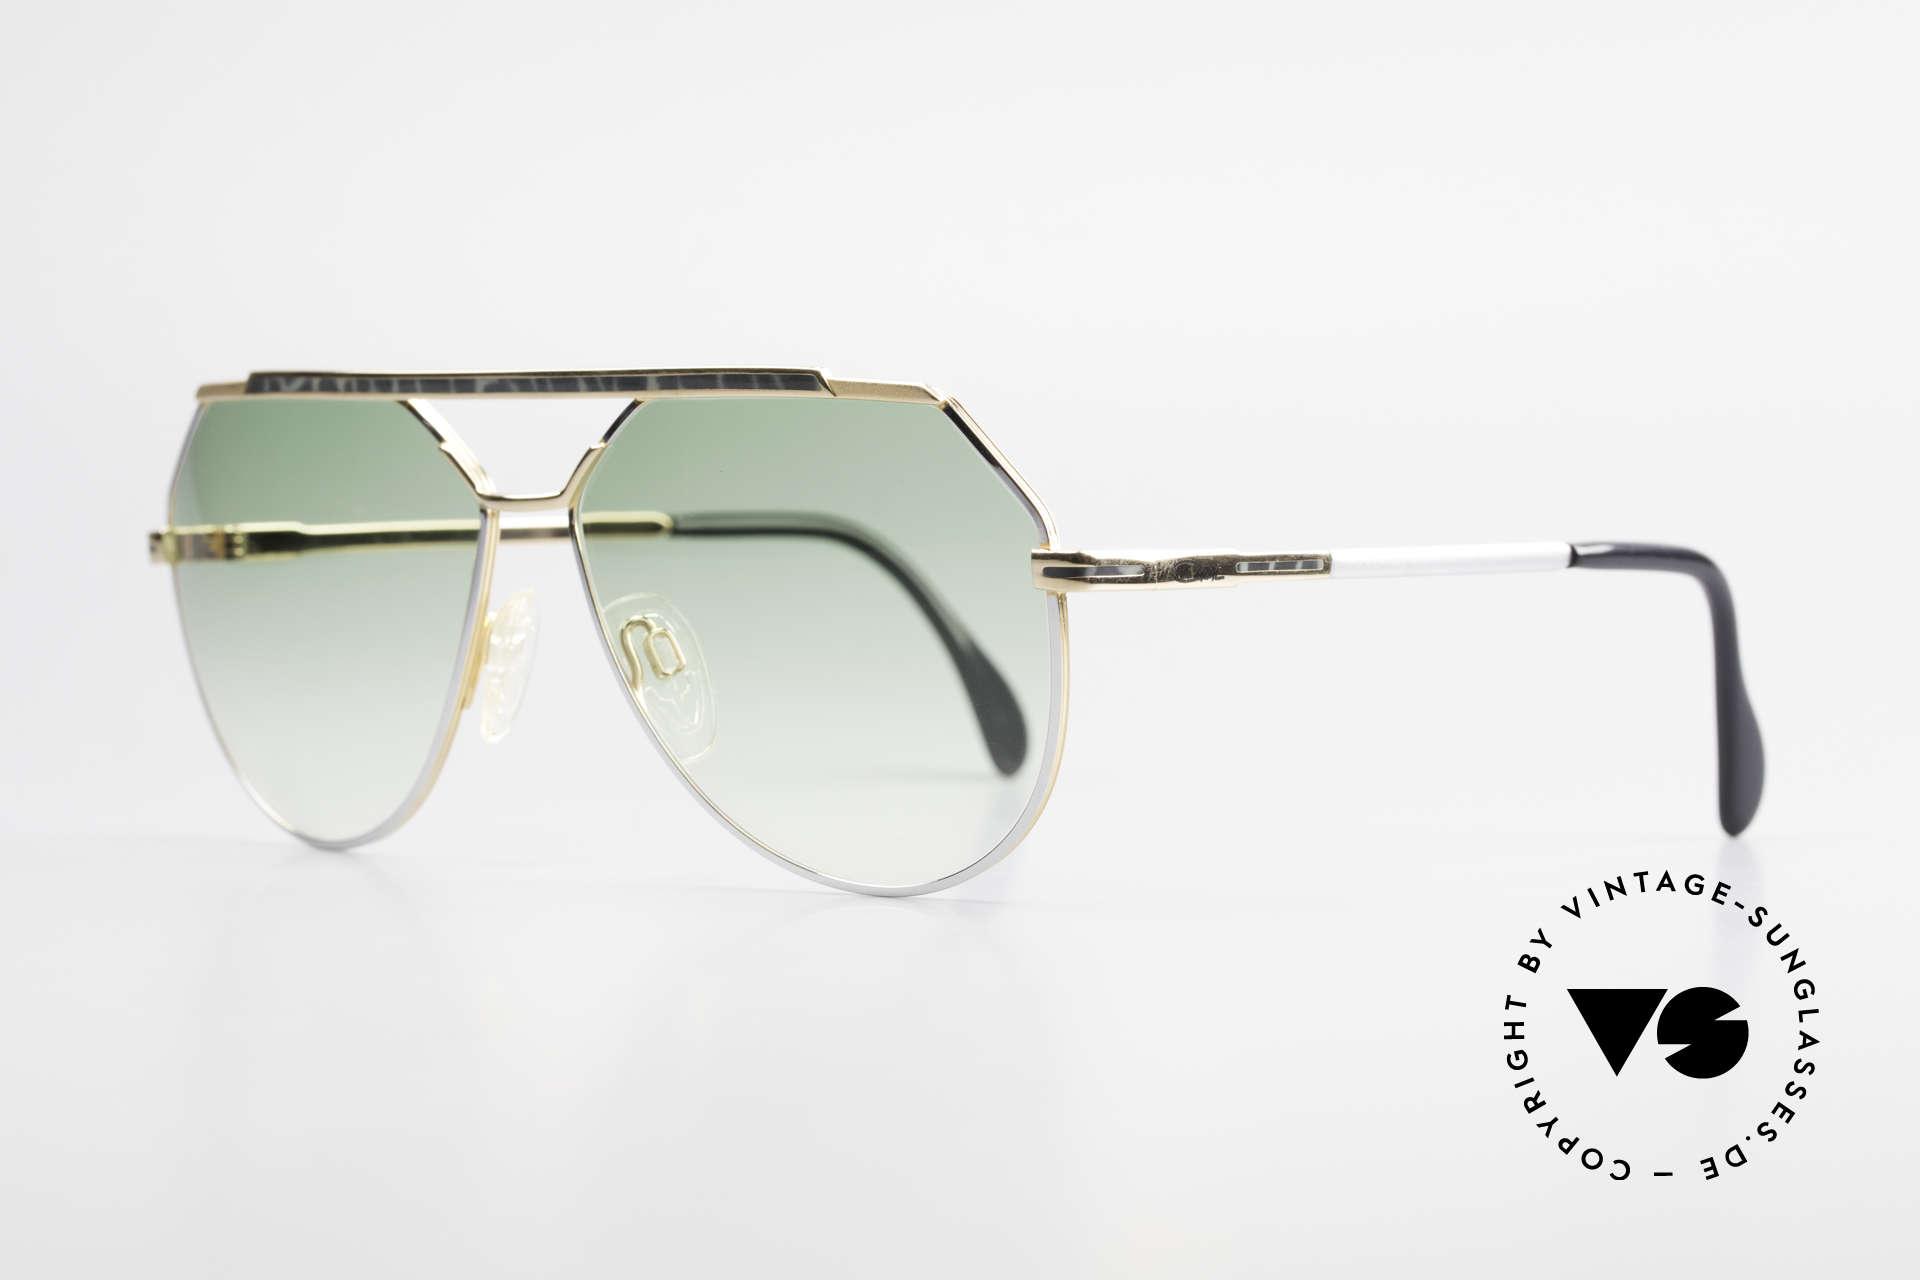 Cazal 733 Goldplattierte Sonnenbrille, beste Verarbeitungsqualität & apartes Rahmen-Dekor, Passend für Herren